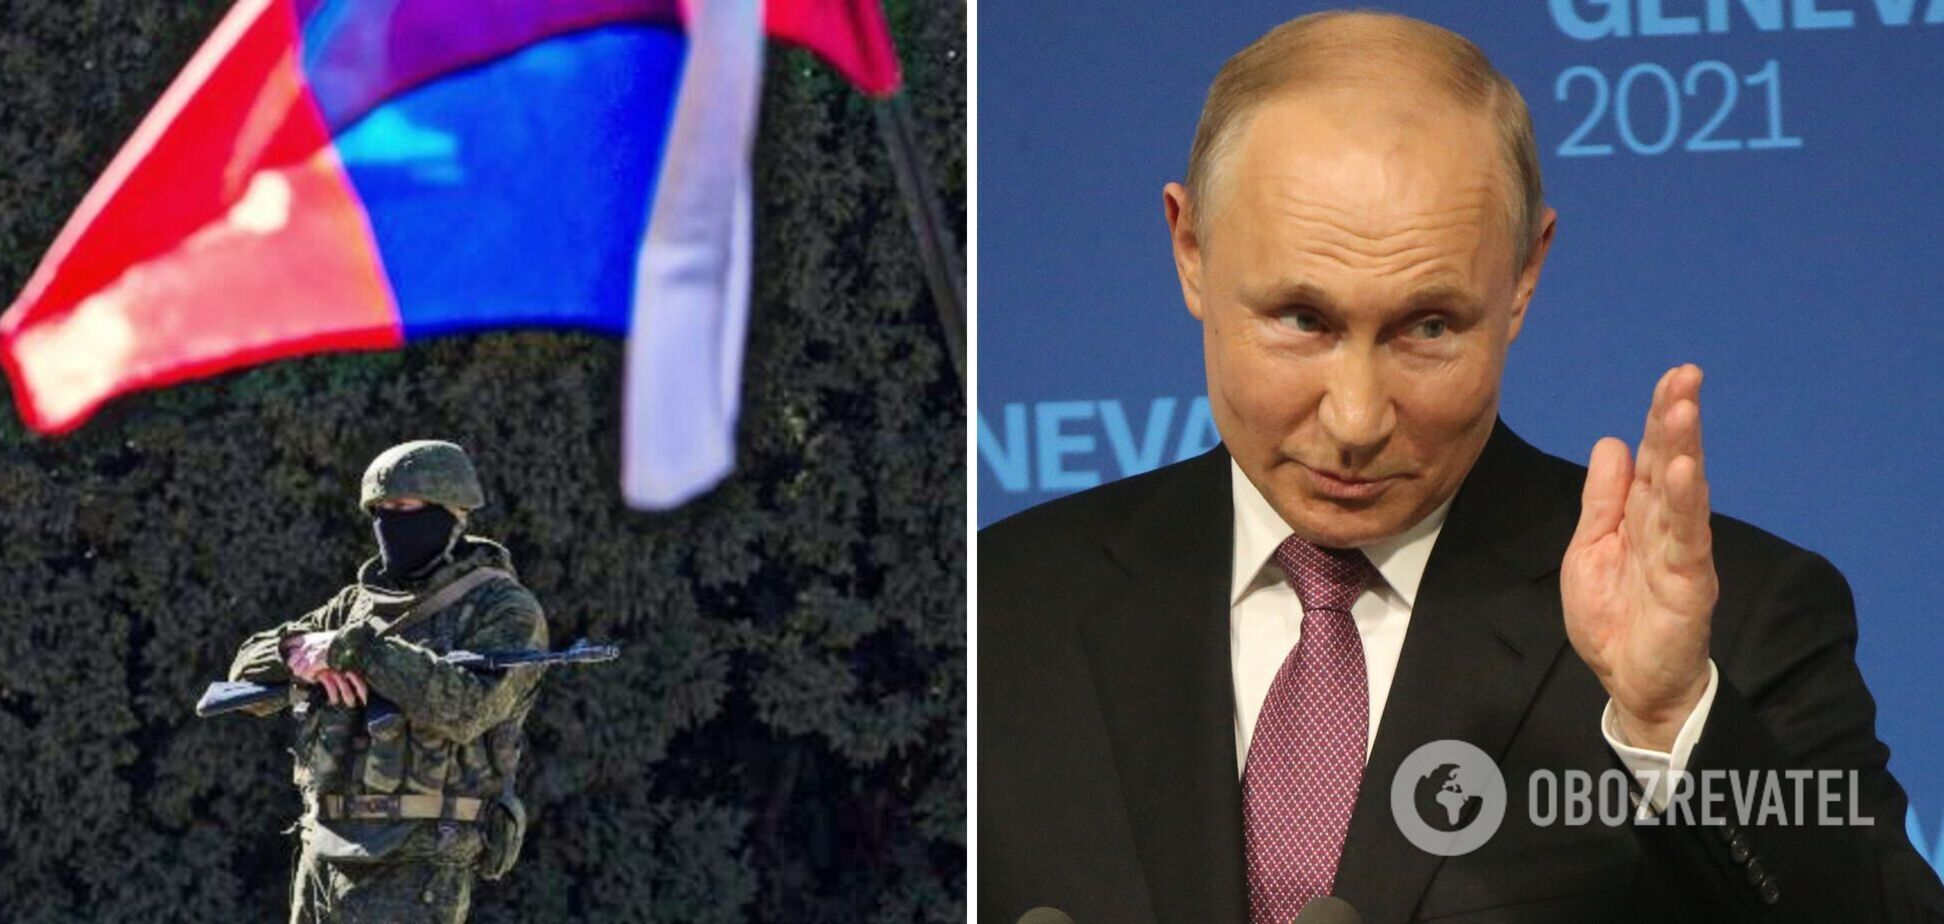 Росія ніколи не може бути мирною, бо це 'загрожує її безпеці'